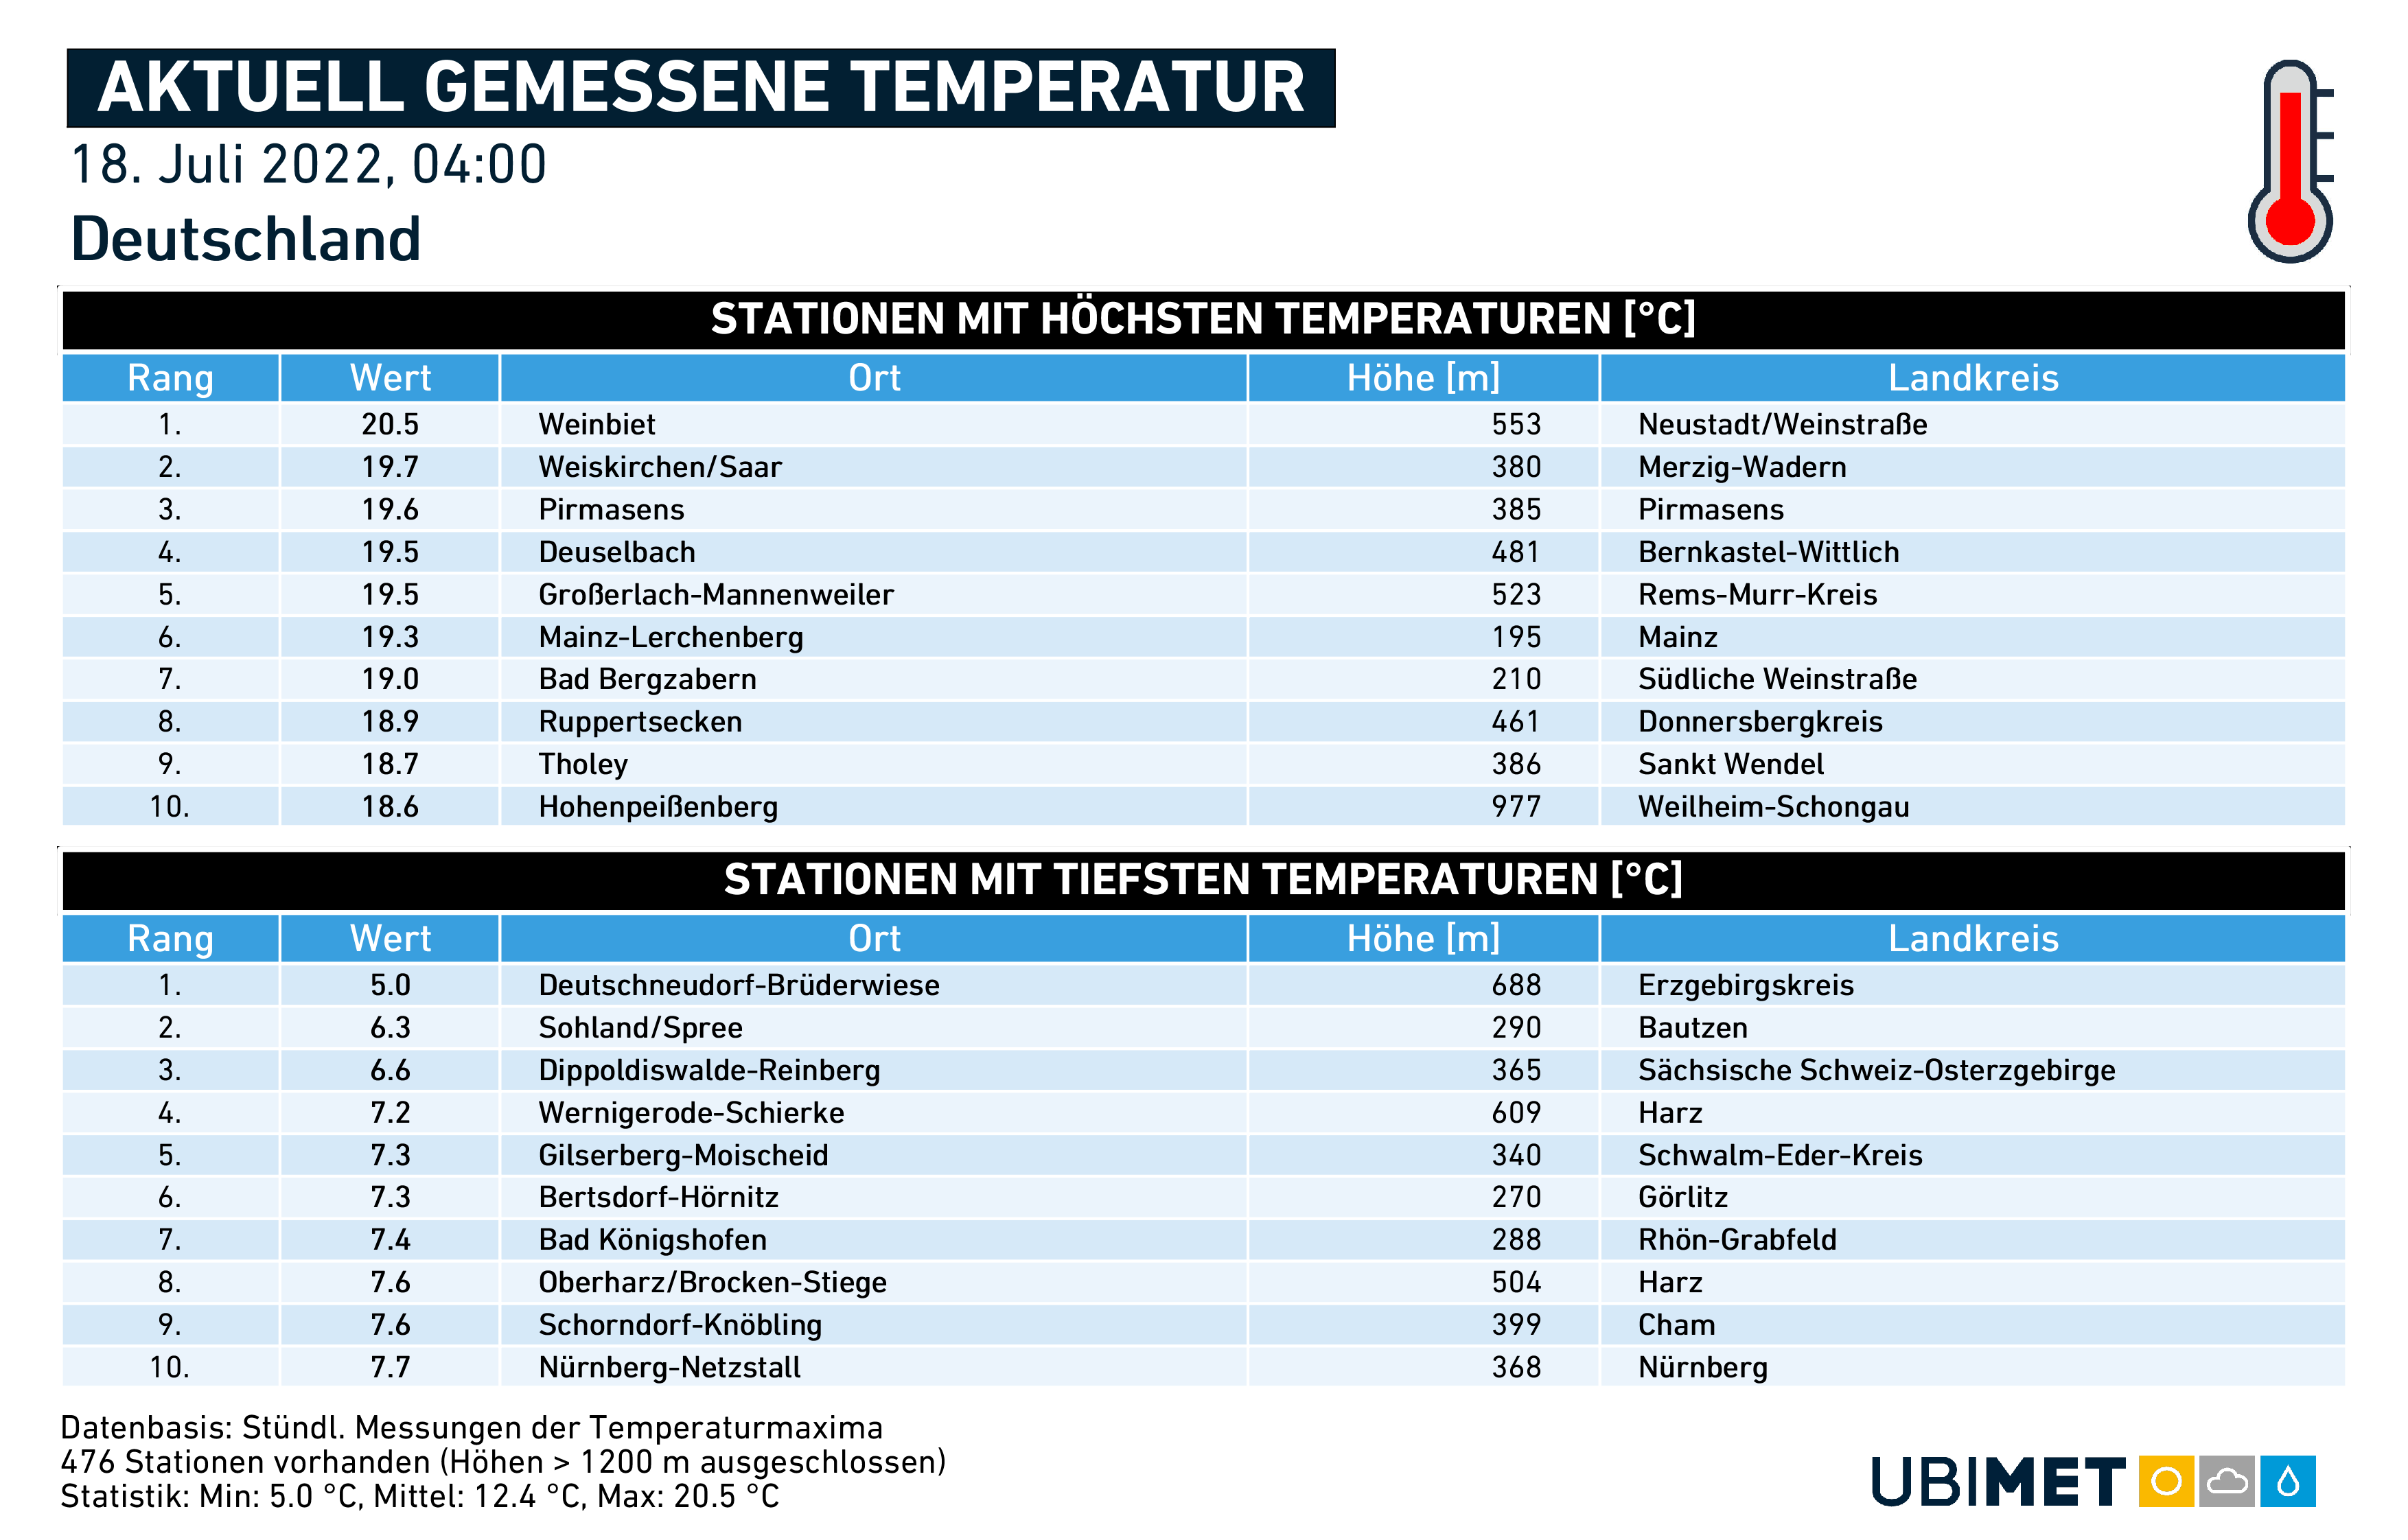 Wetter heute in Nordrhein-Westfalen, Niedersachsen, Bayern oder auch Berlin.